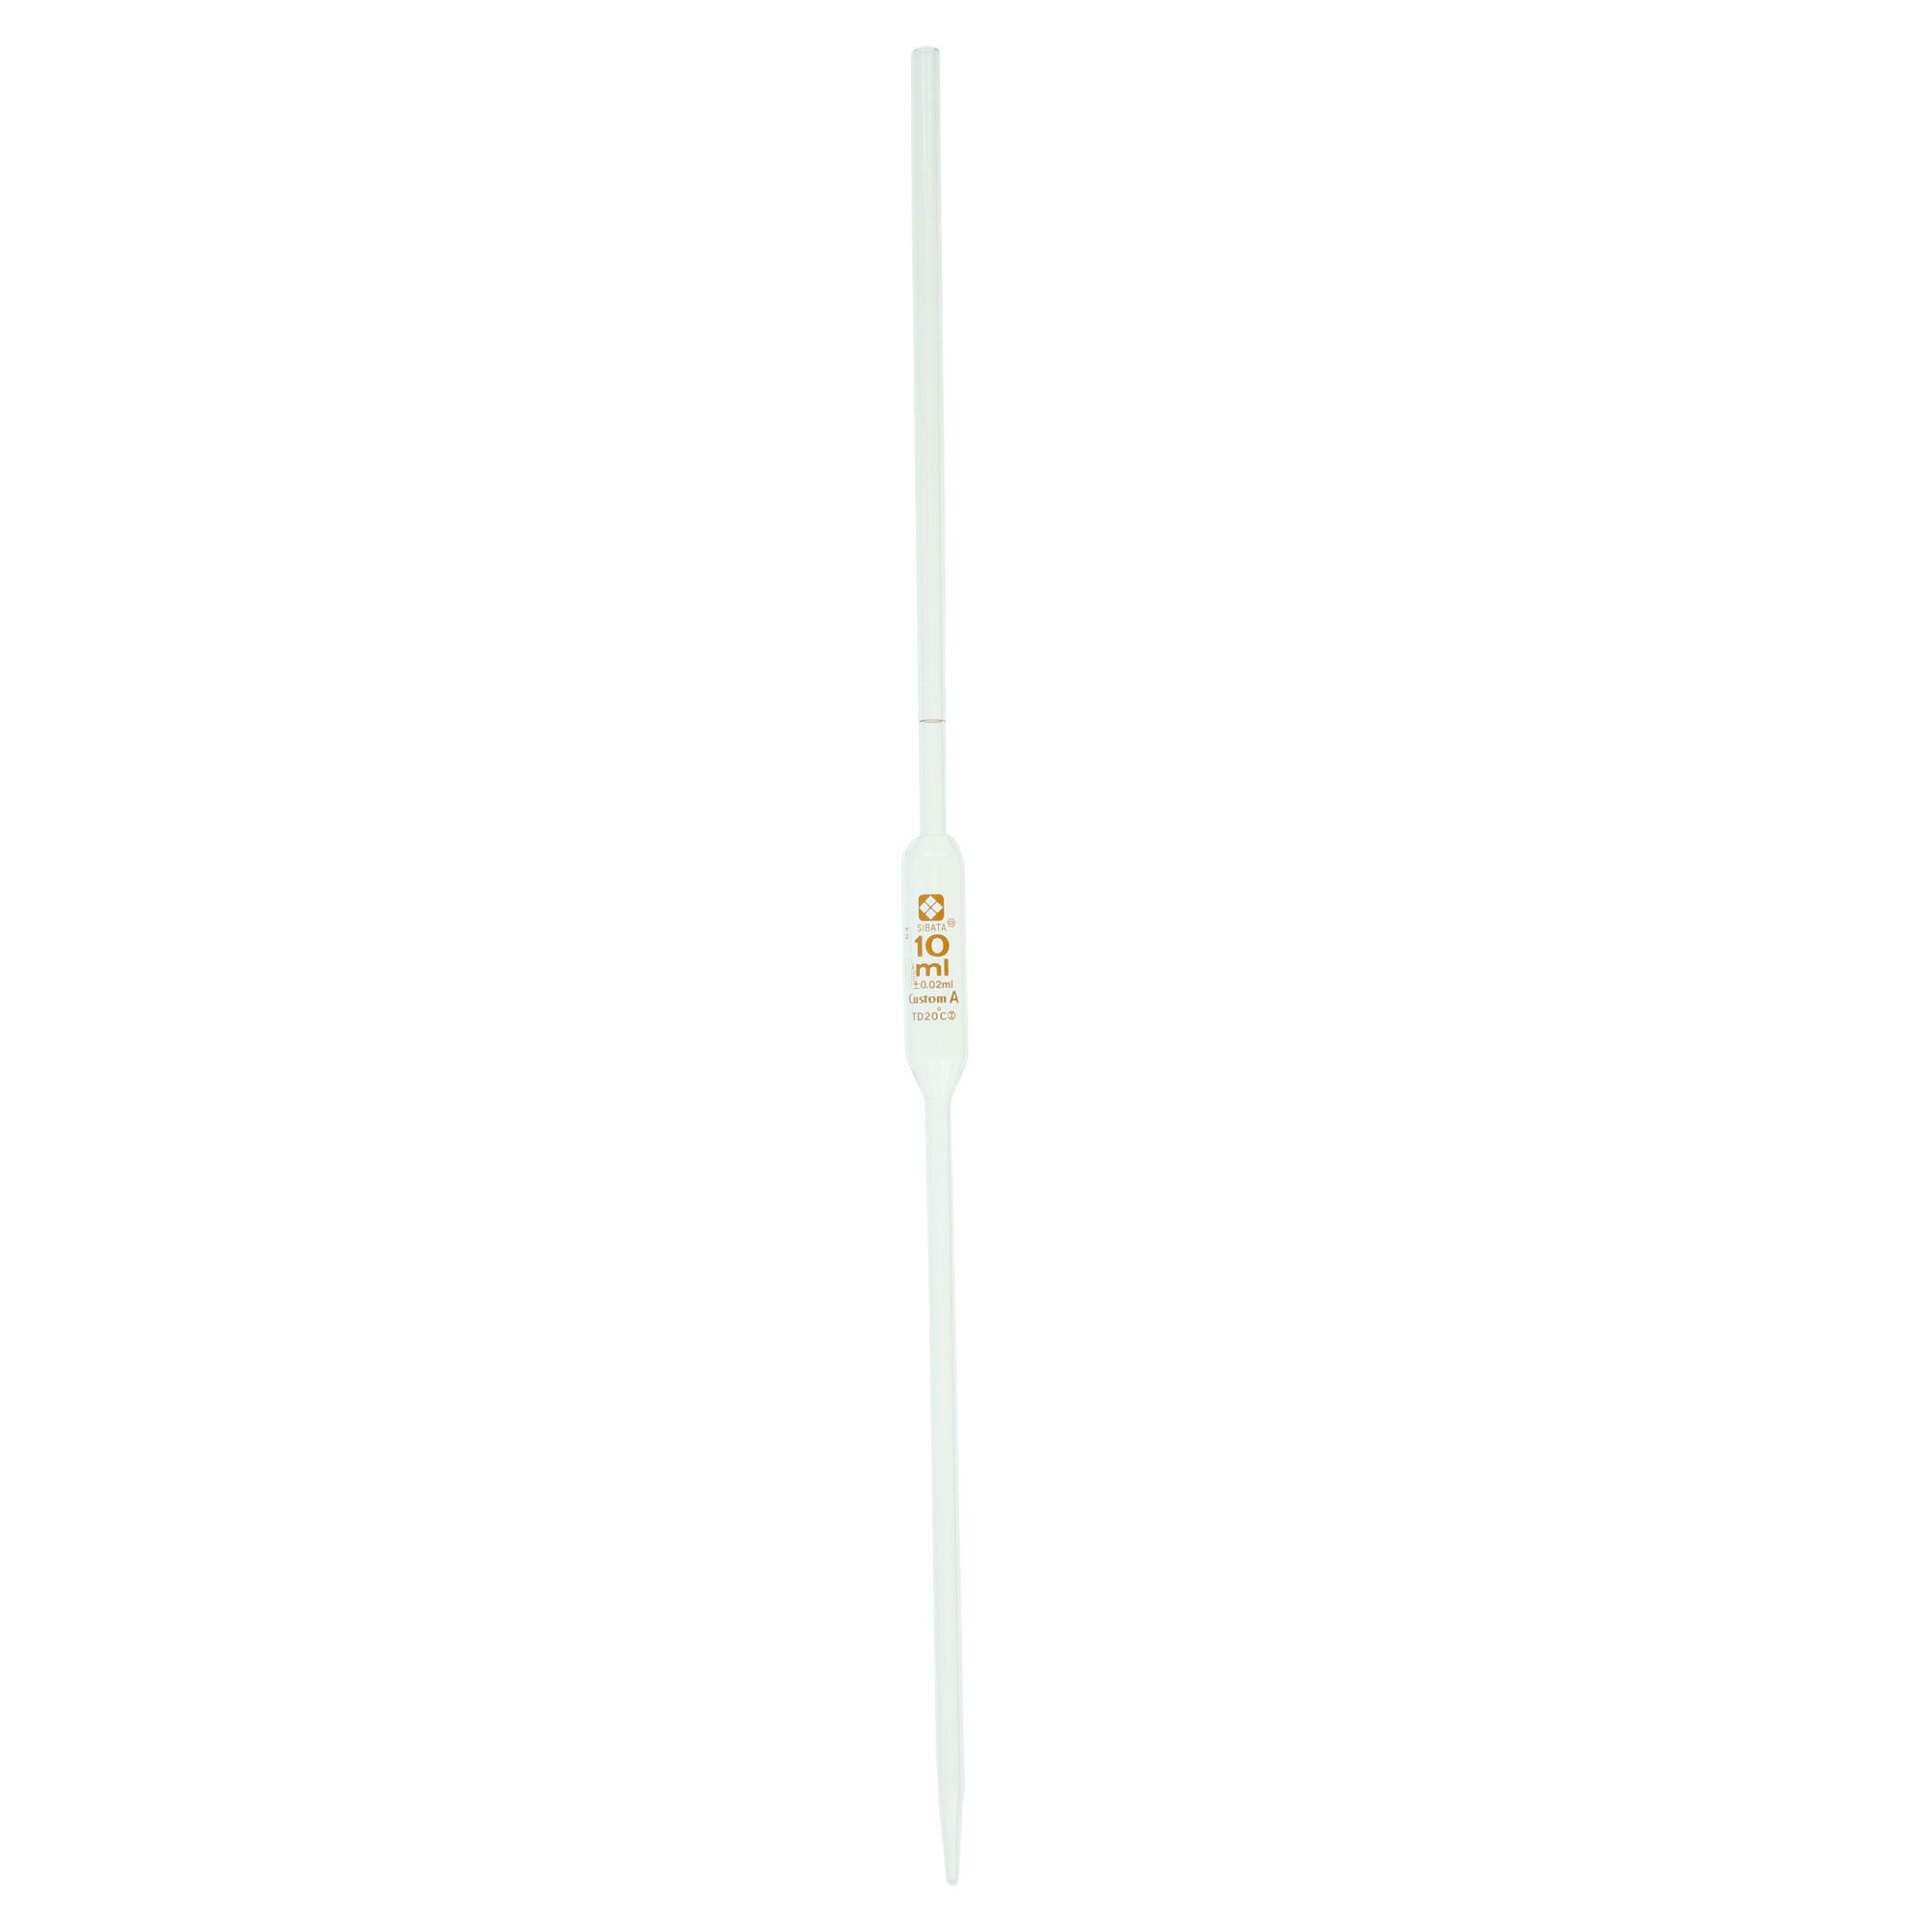 ホールピペット カスタムA 5mL(10本)